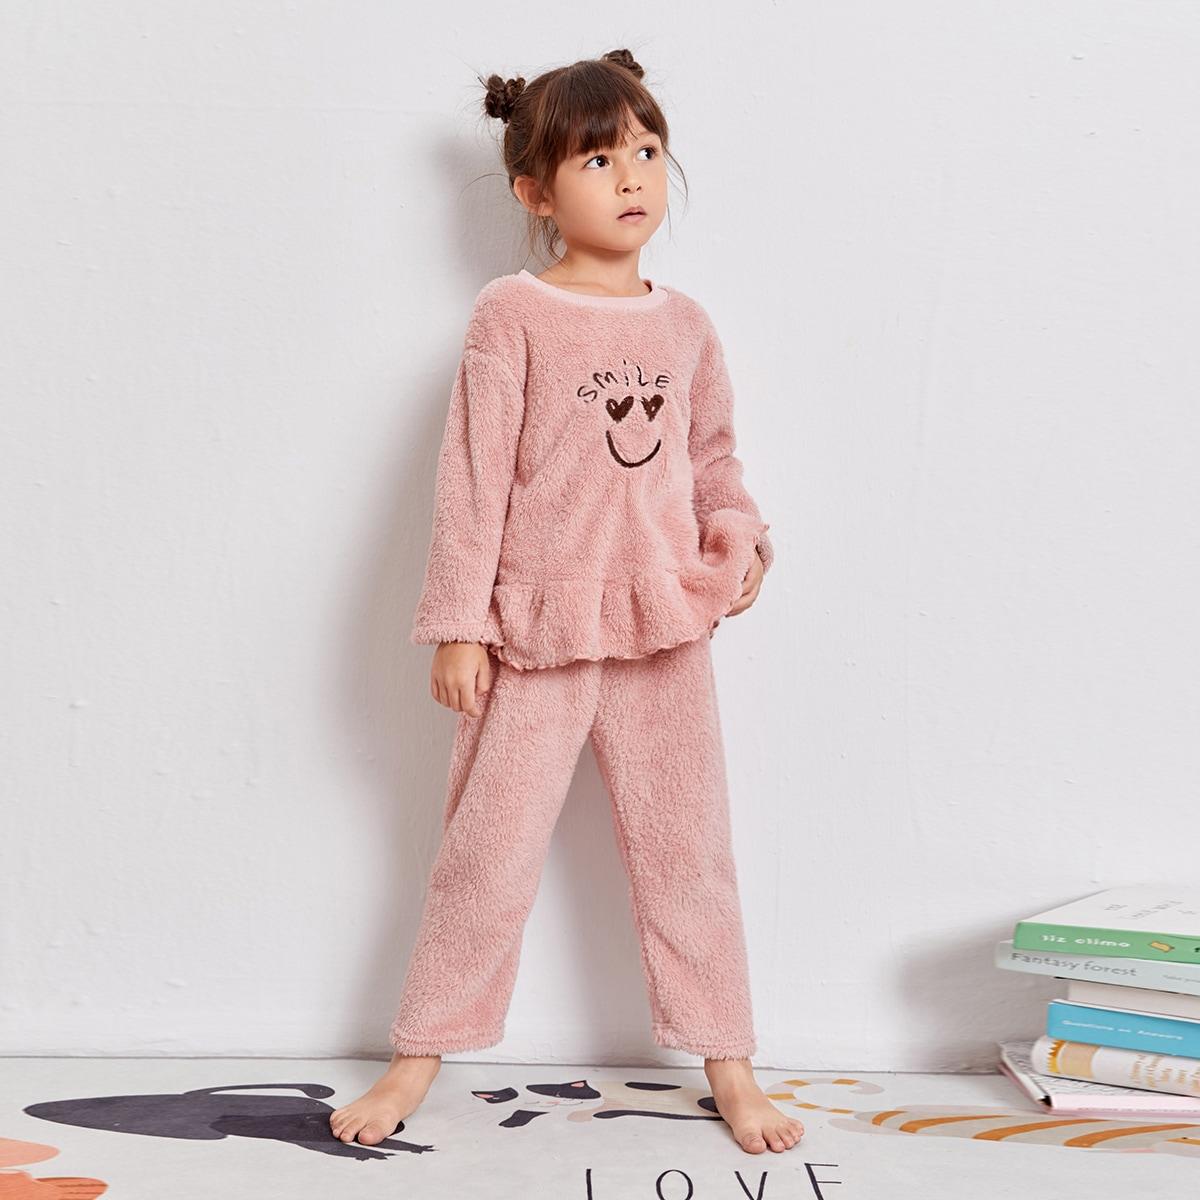 С вышивкой мультяшный принт милый домашняя одежда для девочек